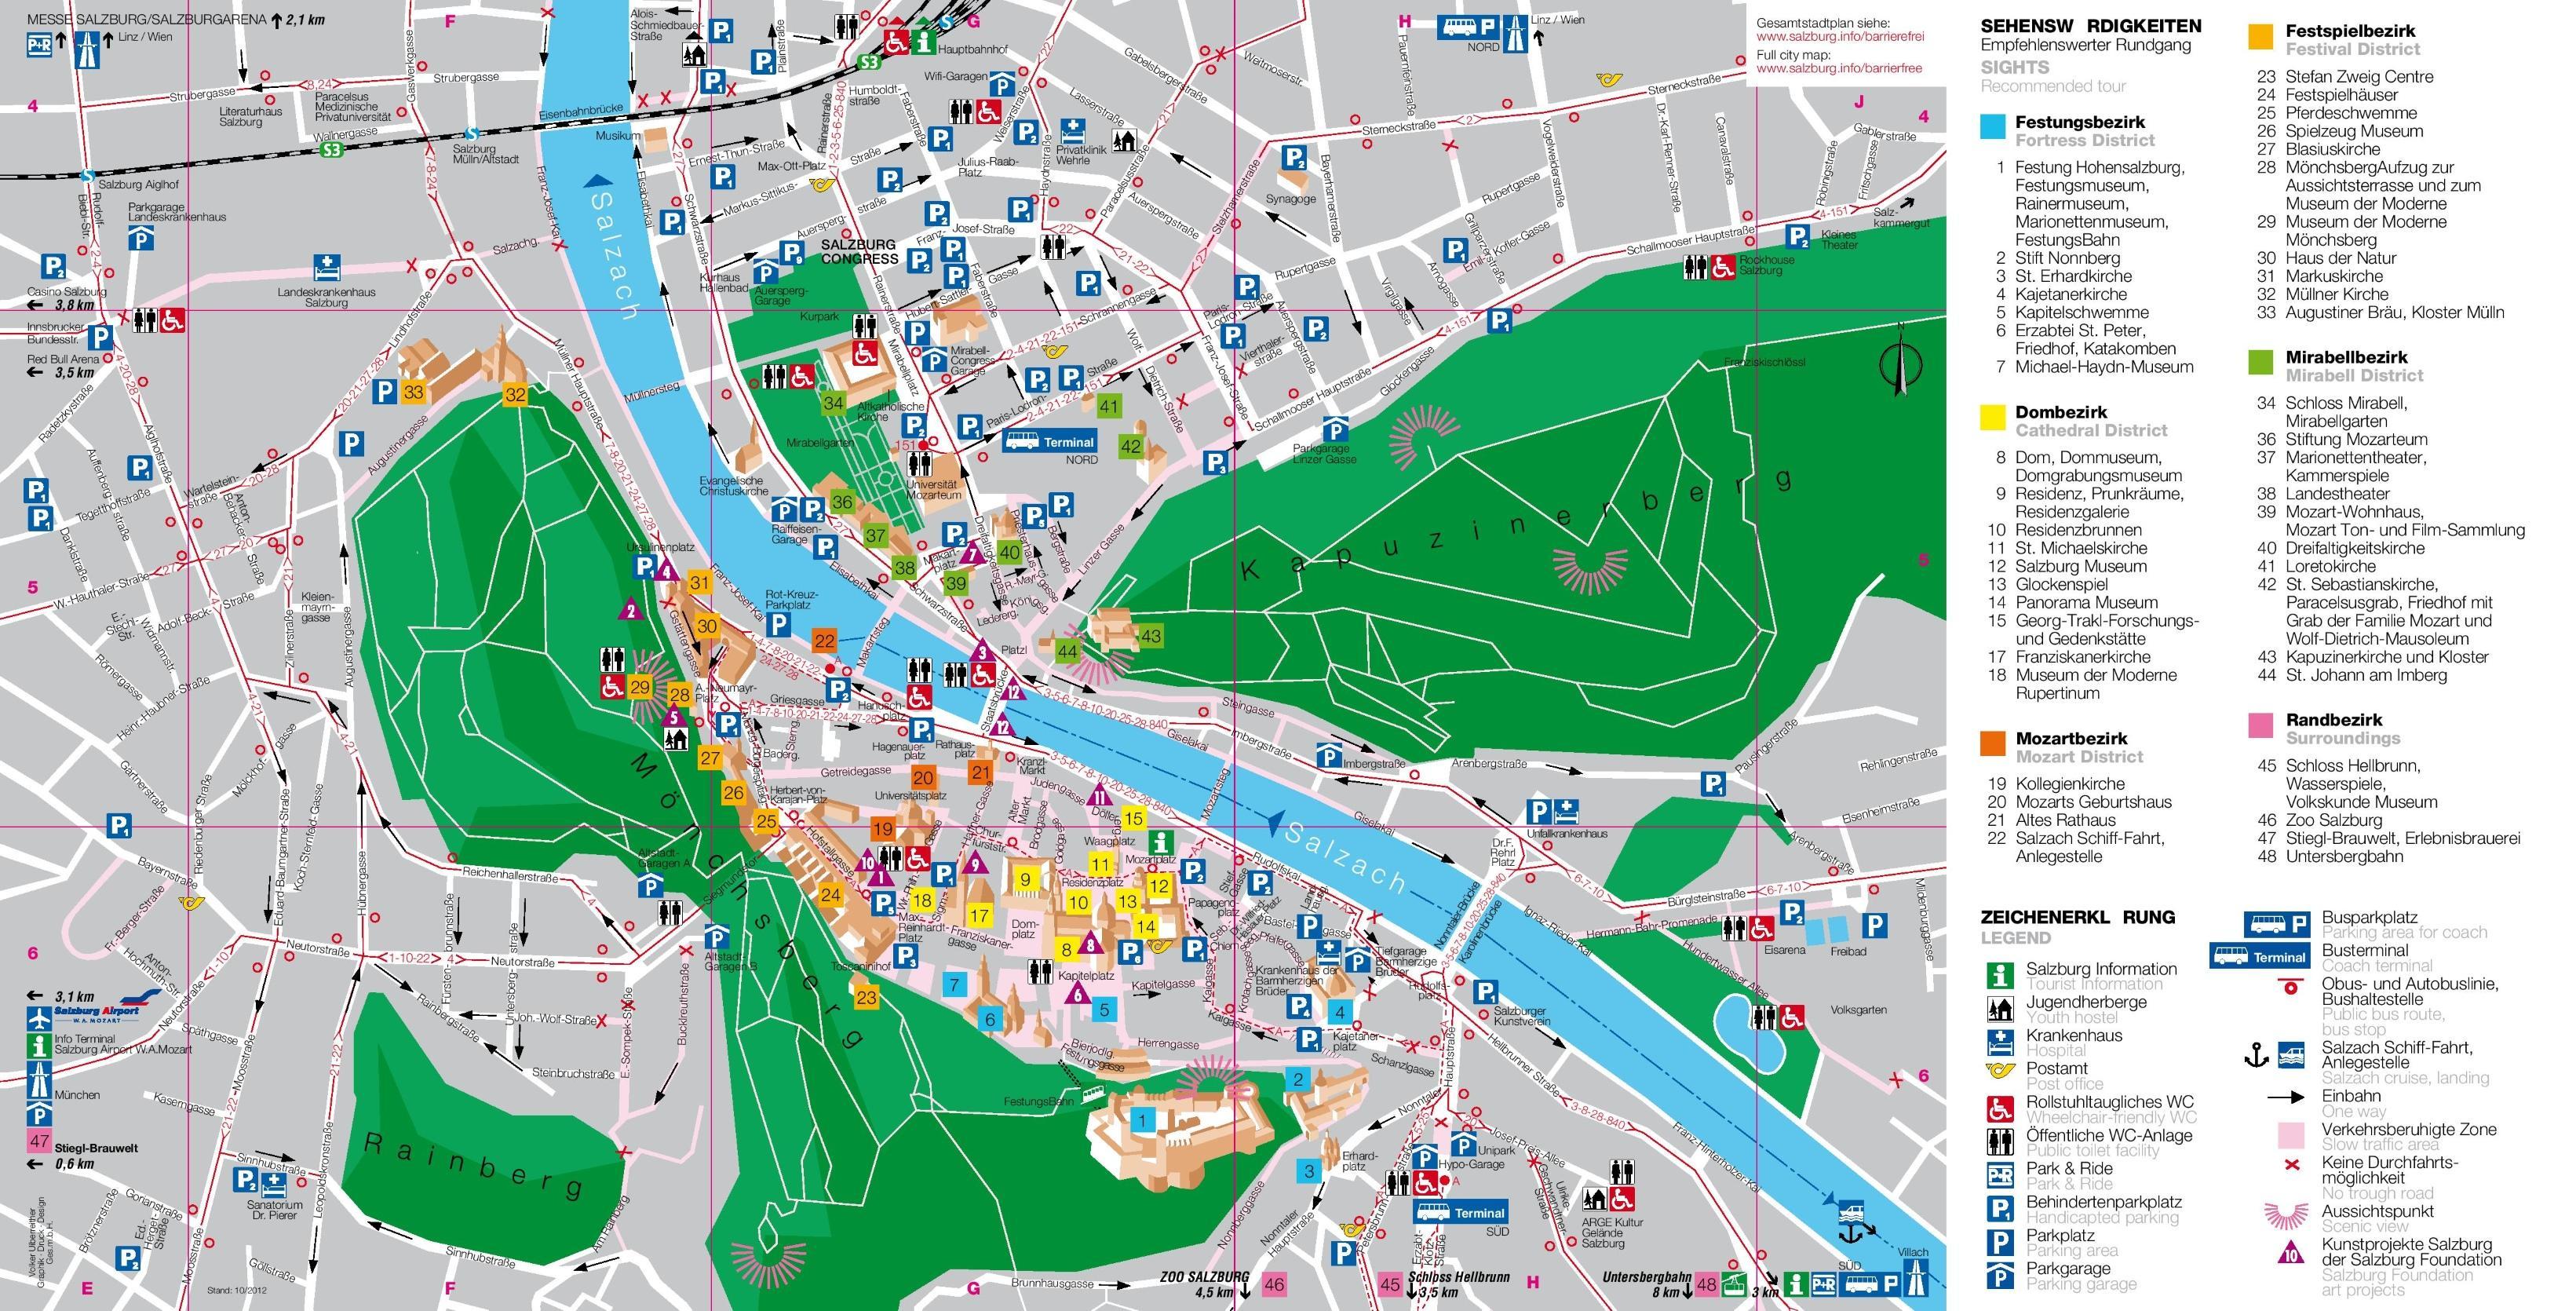 Turist Kort Over Salzburg Ostrig Kort Af Turist Kort Salzburg